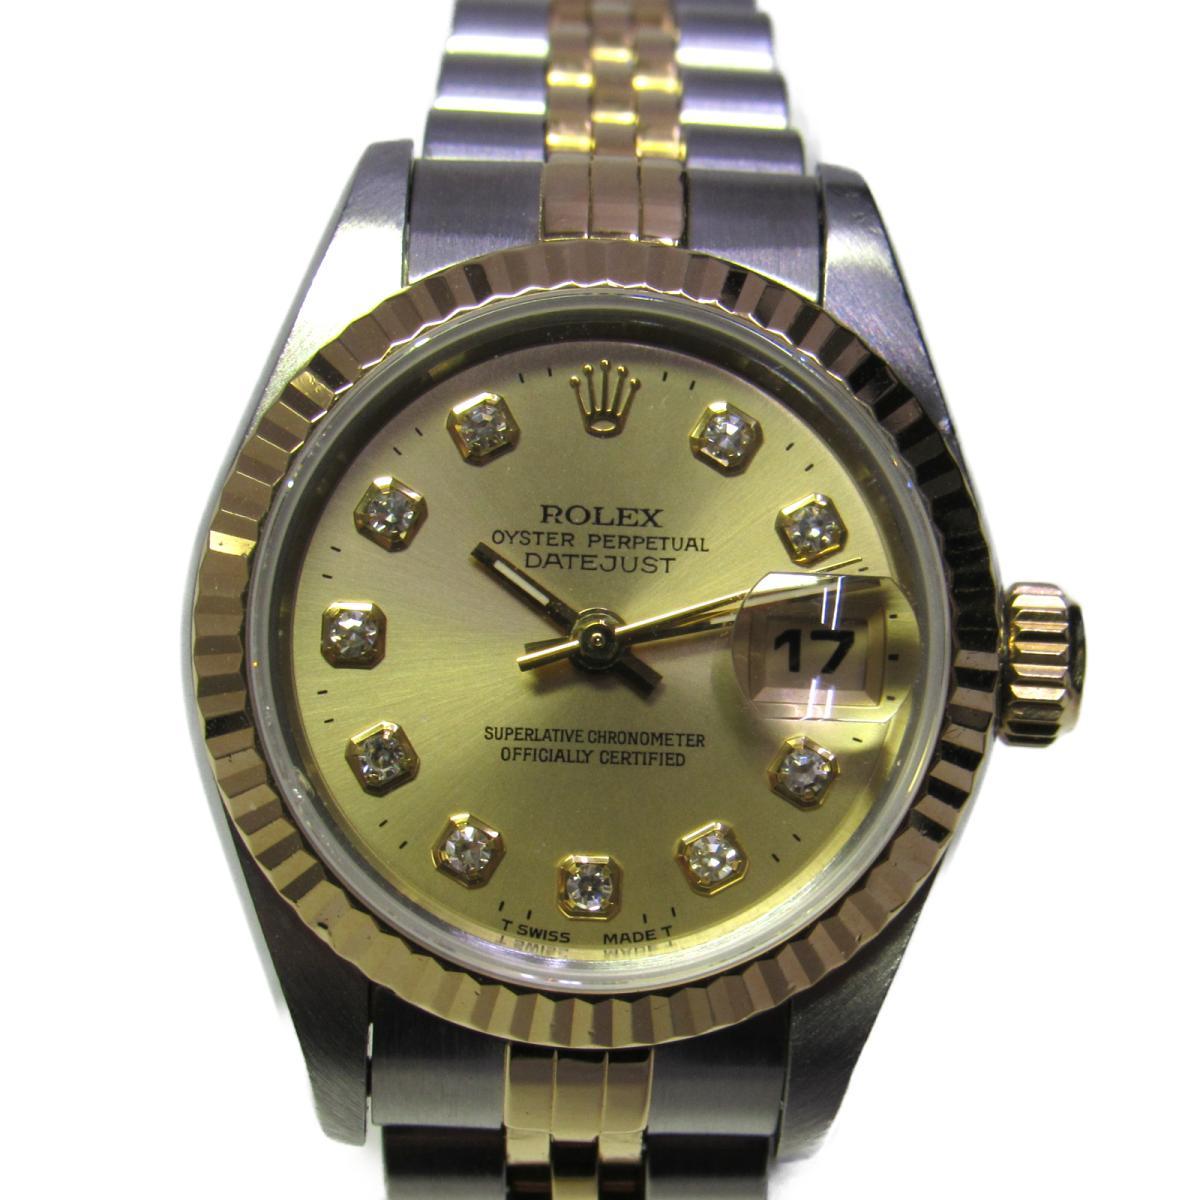 【中古】 ロレックス デイトジャスト 腕時計 ウォッチ レディース ステンレススチール (SS) x K18YGイエローゴールド ダイヤモンド シルバー (69173G) | ROLEX BRANDOFF ブランドオフ ブランド ブランド時計 ブランド腕時計 時計